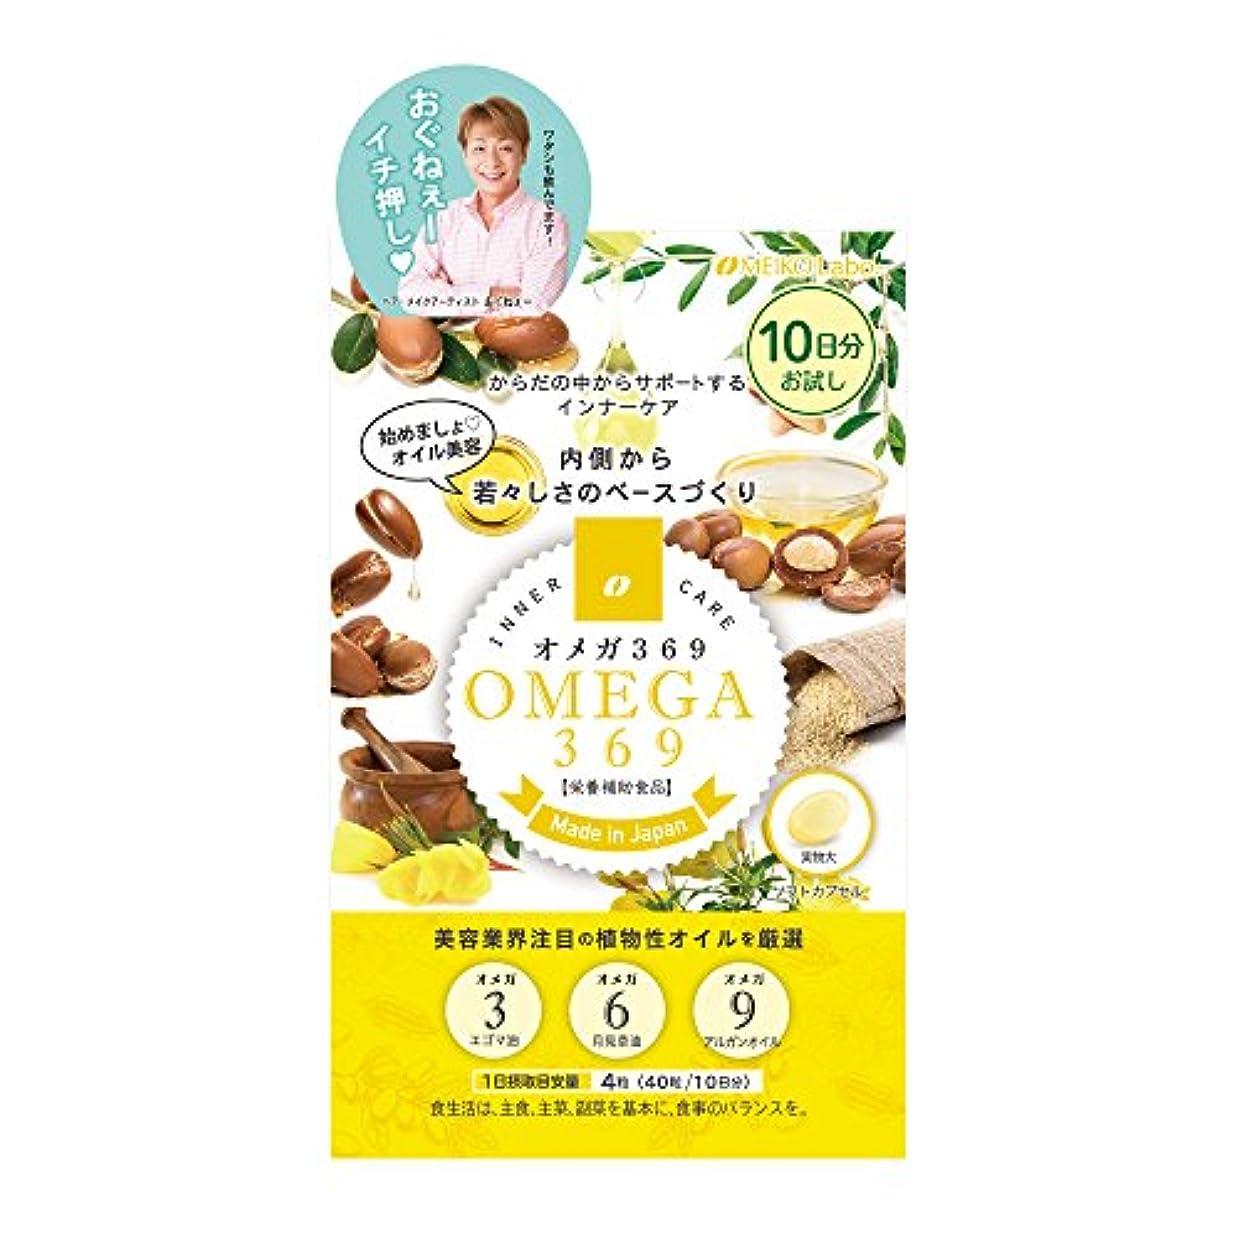 ペックチャーミング効果的にオメガ3 6 9 10日分 40粒 サプリメント お試し ( 栄養補助食品 日本製 オメガ 美容 オイル 月見草油 アルガンオイル エゴマ油 DHA EPA ) 【 メイコーラボ 】